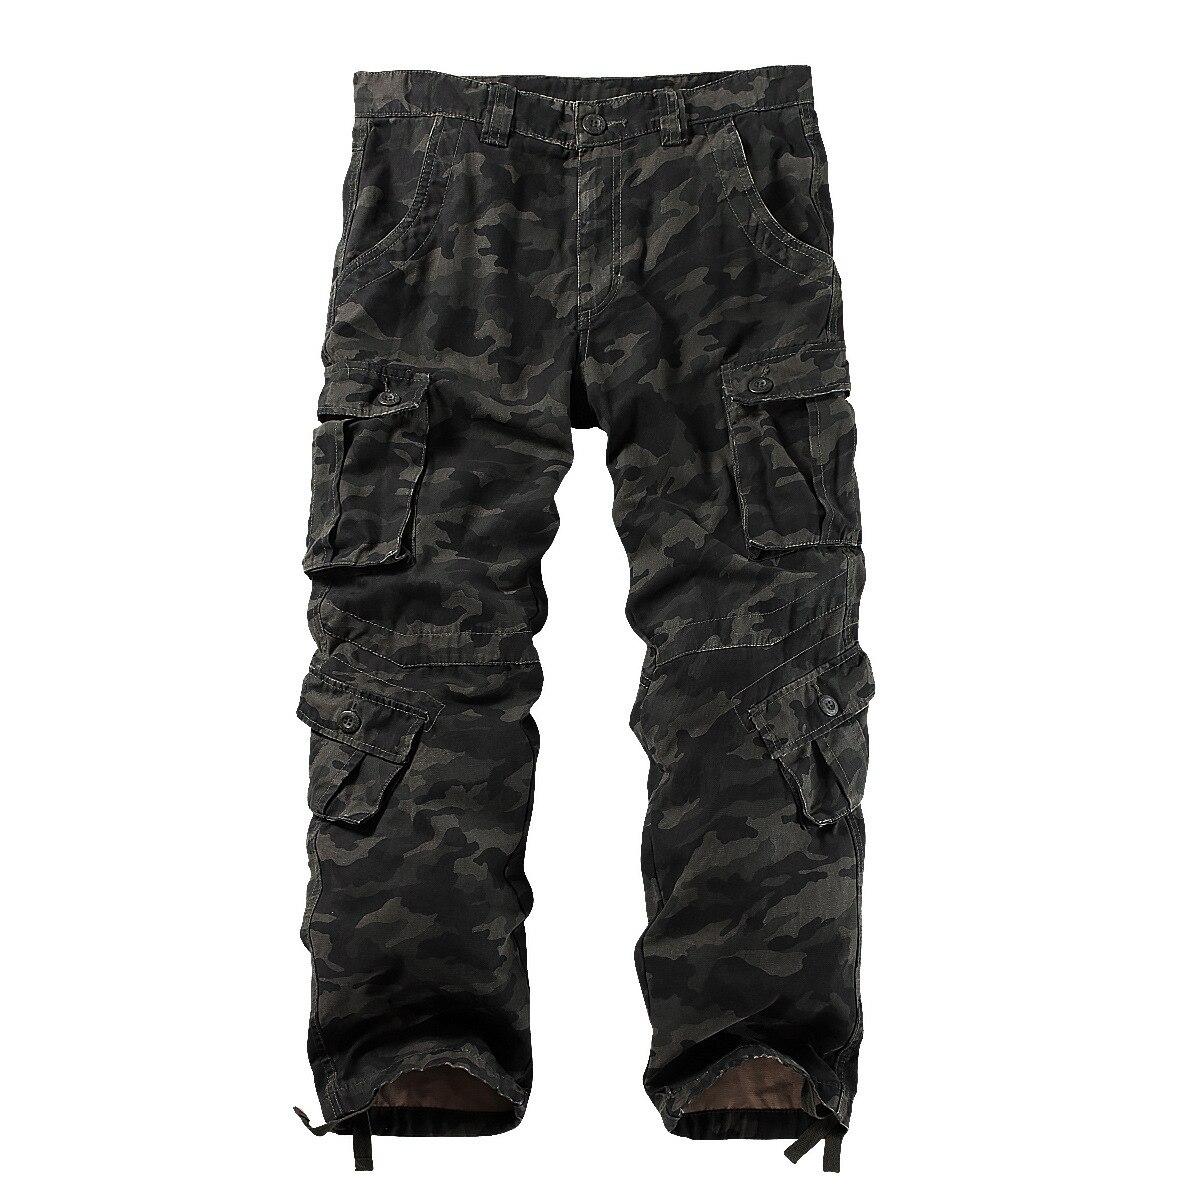 Pantalon Cargo militaire en coton pour hommes, 8 poches pantalon de Combat de travail décontracté homme armée militaire Camo Cargo pantalon grande taille 40 42 44 - 6